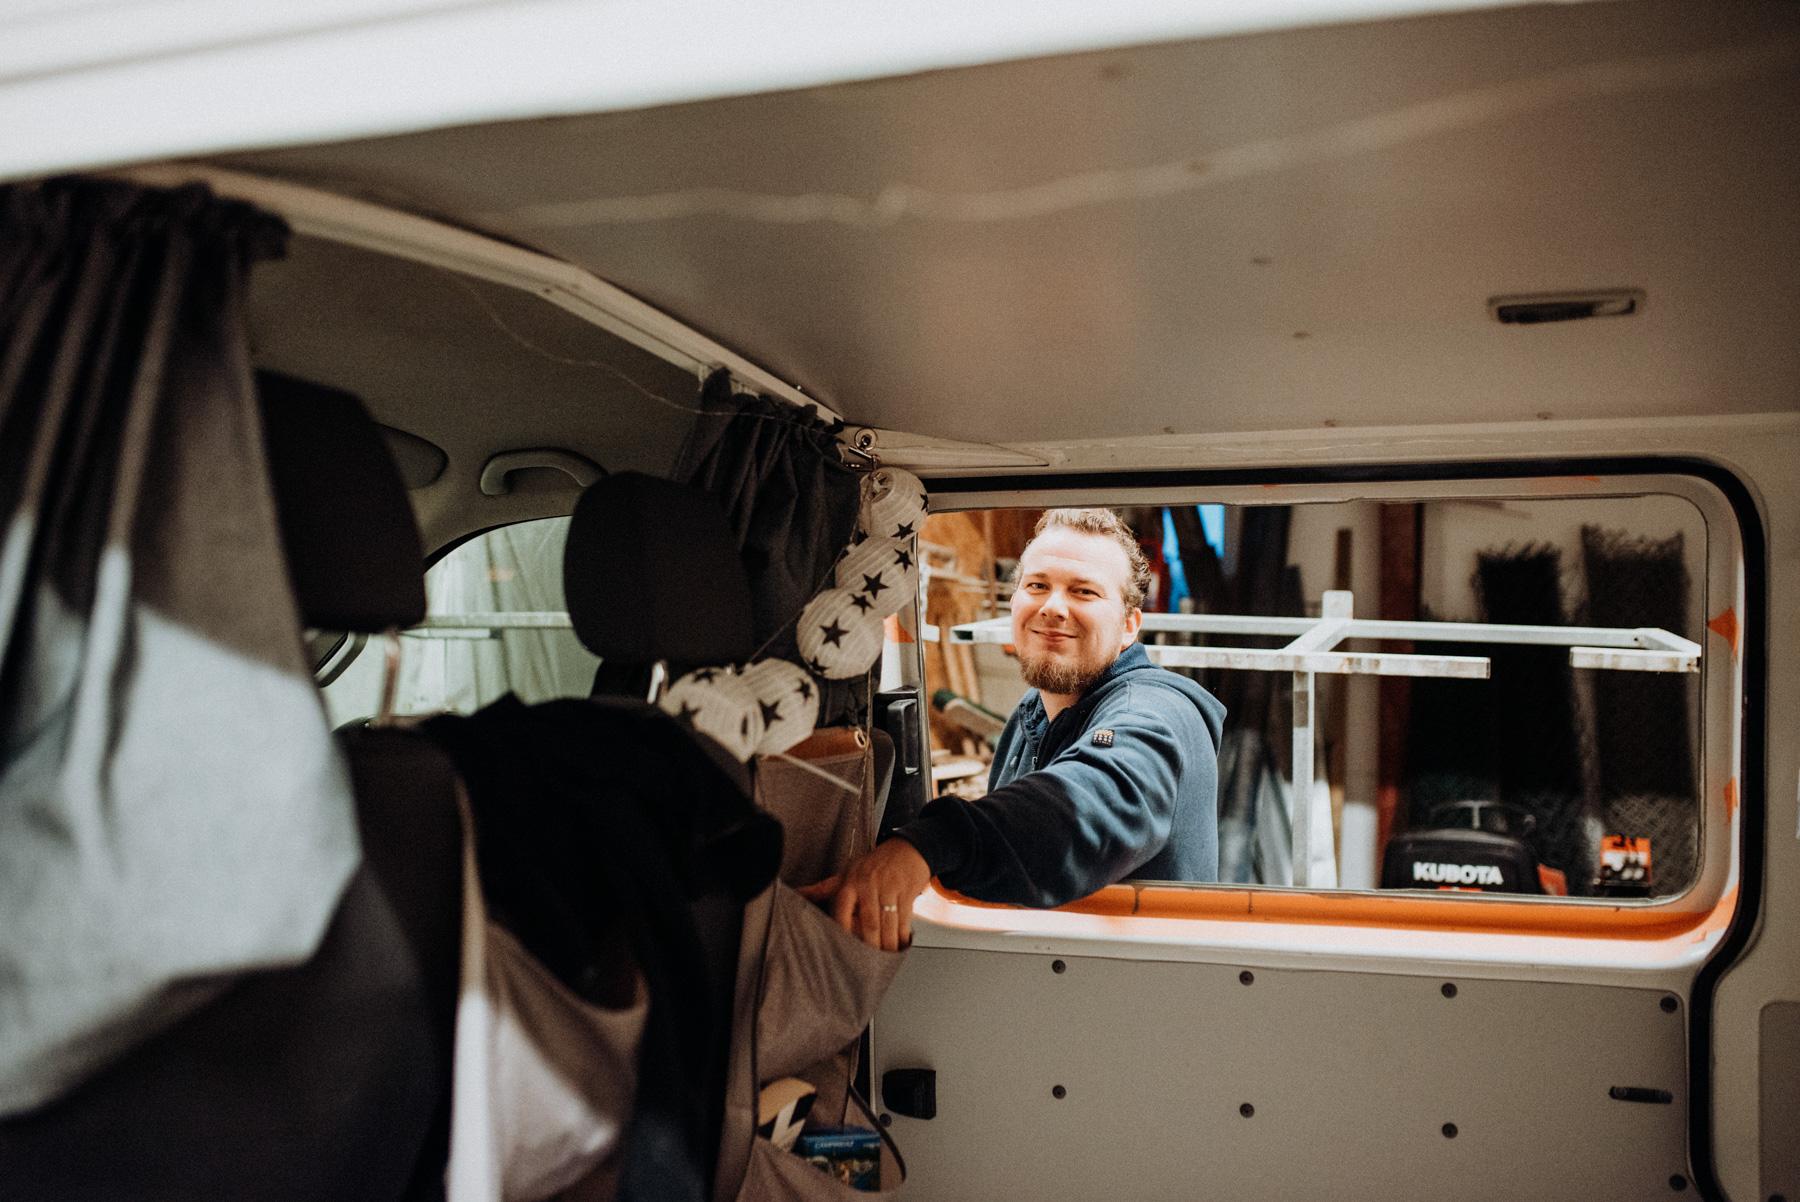 VW T5 Ausbau DIY Camper - Fenster einbauen